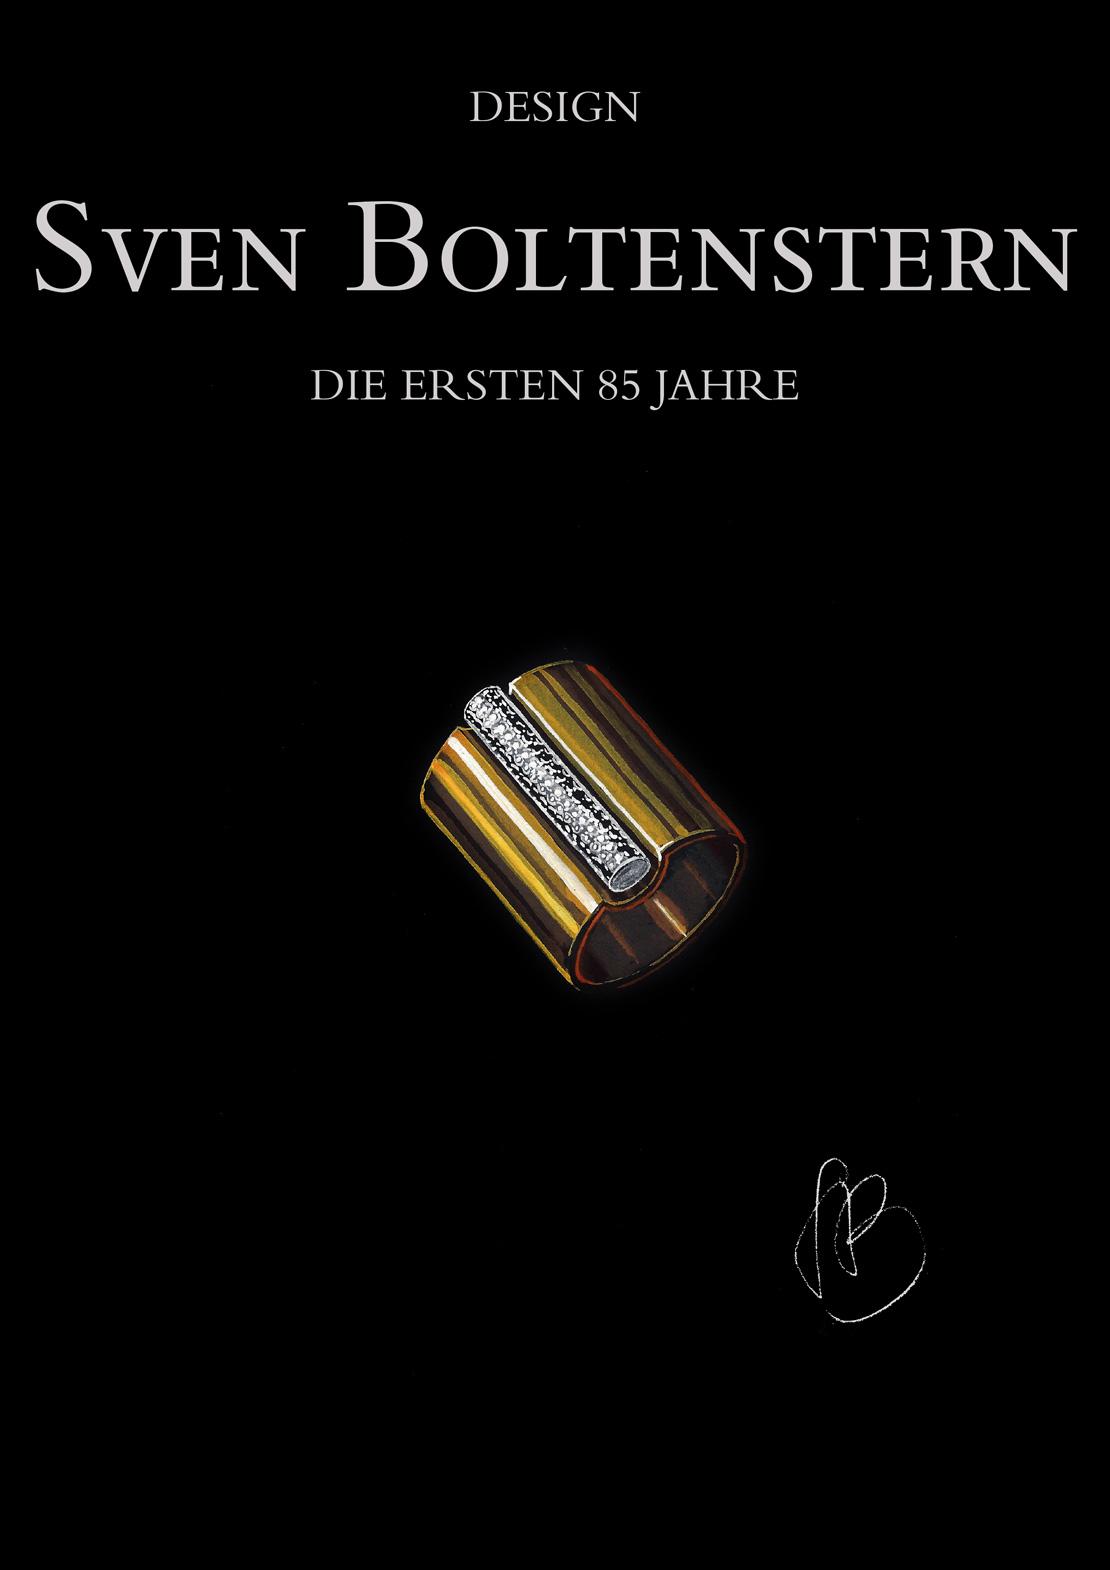 Design SVEN BOLTENSTERN — Die ersten 85 Jahre